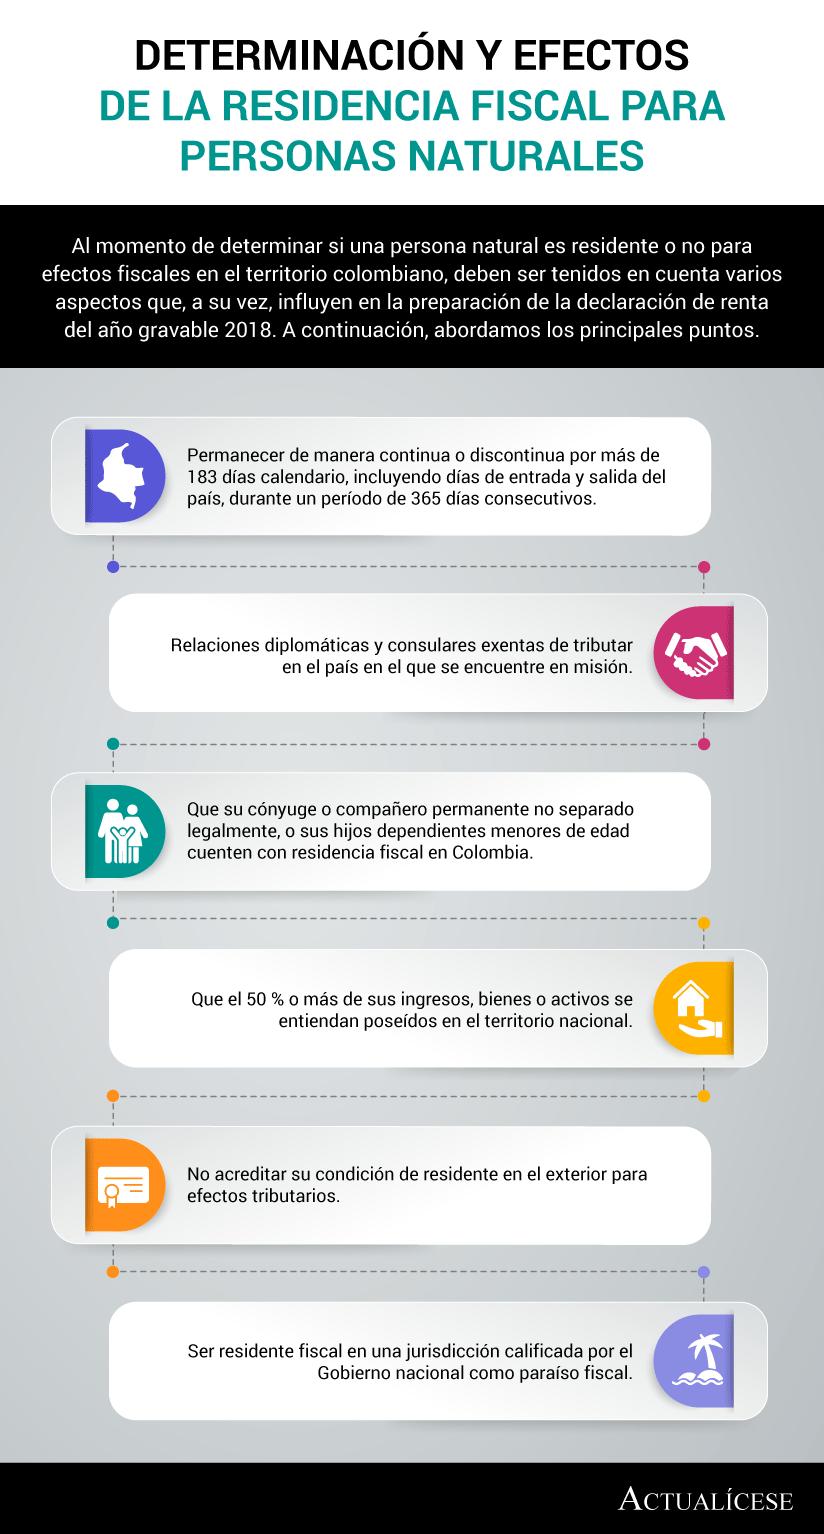 [Infografía] Determinación y efectos de la residencia fiscal para personas naturales